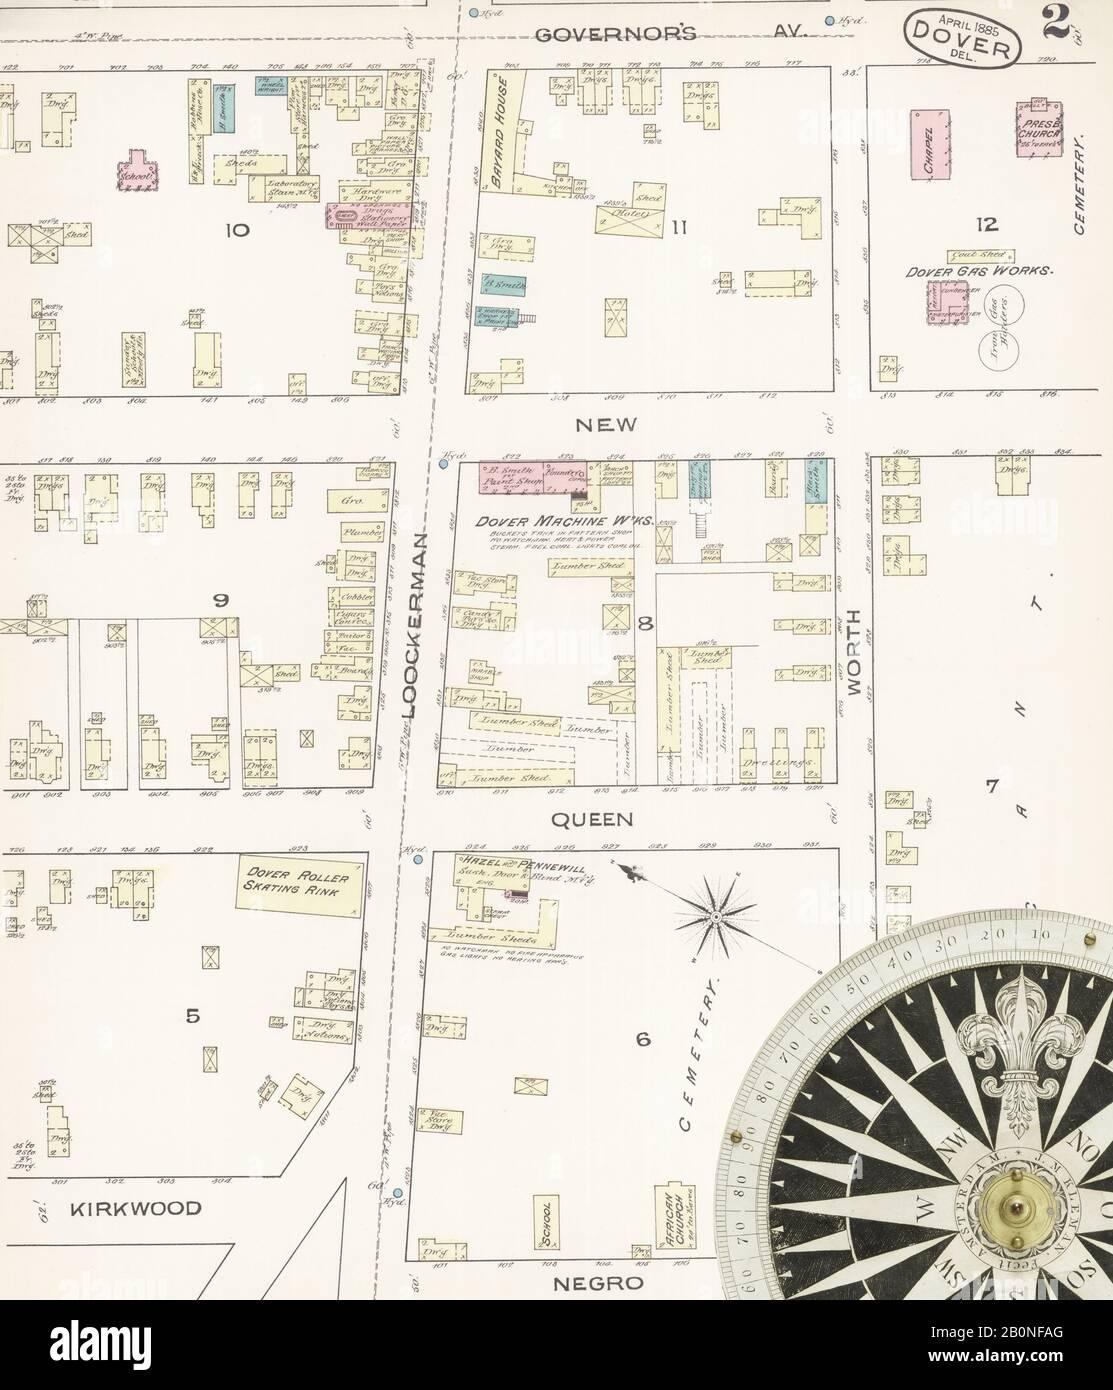 Image 2 De La Carte D'Assurance-Incendie Sanborn De Douvres, Comté De Kent, Delaware. Avril 1885. 4 feuille(s), Amérique, plan de rue avec un compas du dix-neuvième siècle Banque D'Images